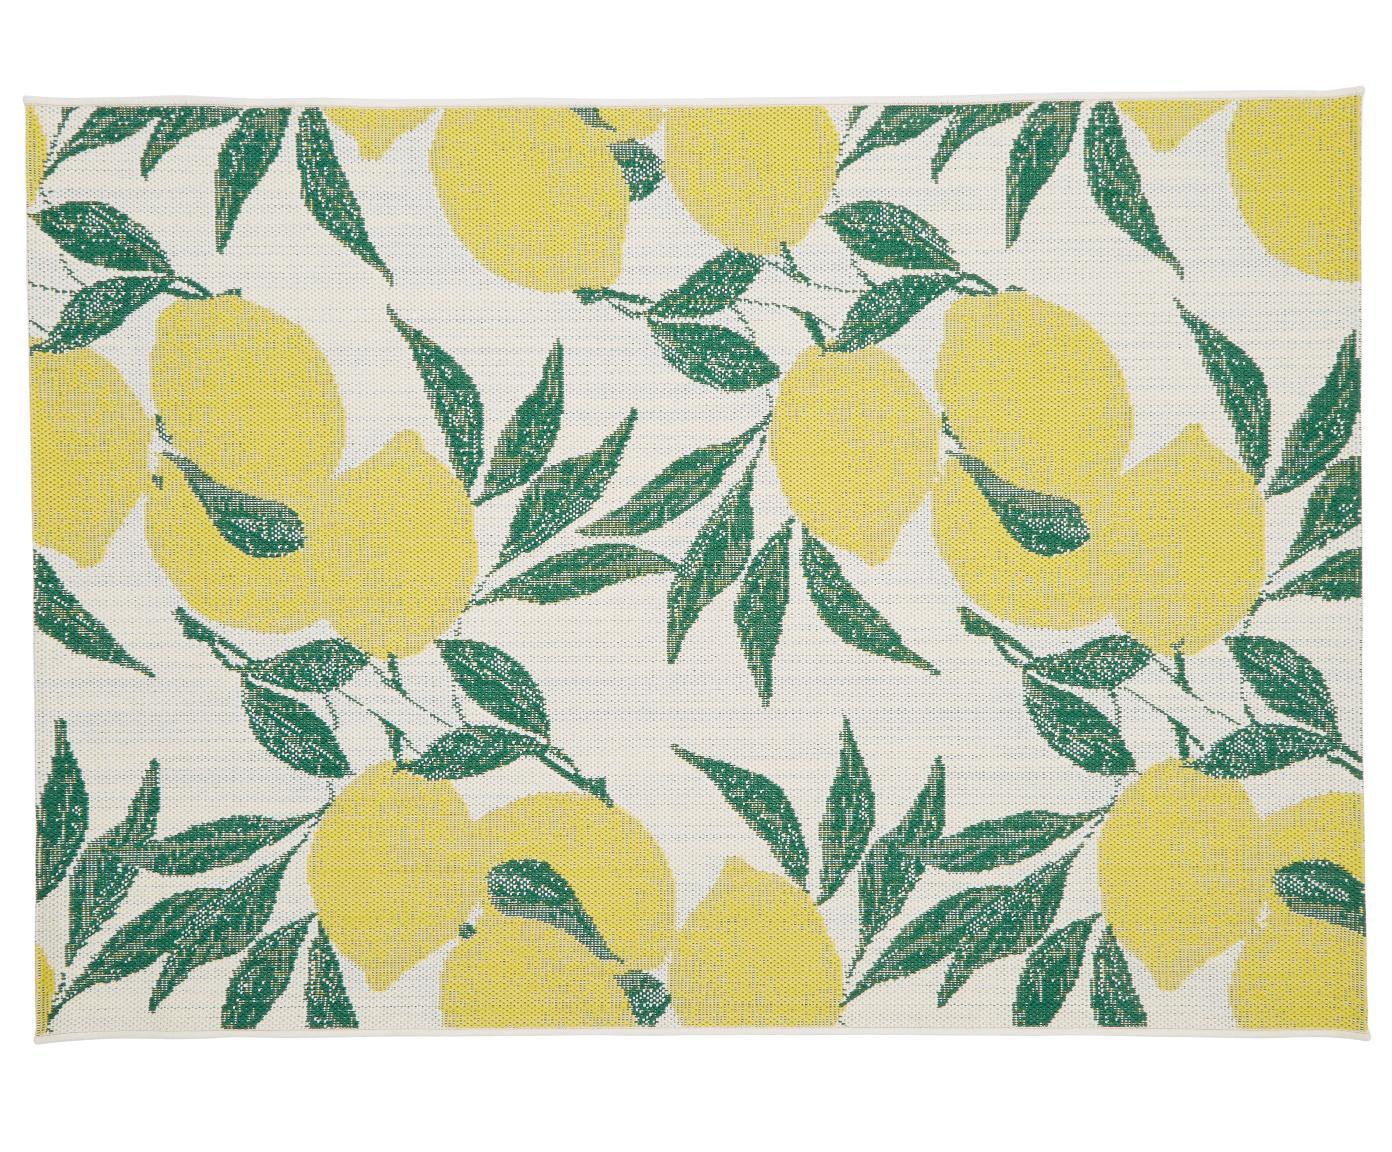 Tappeto da interno-esterno Limonia, Retro: poliestere, Bianco crema, giallo, verde, Larg. 120 x Lung. 170 cm (taglia s)